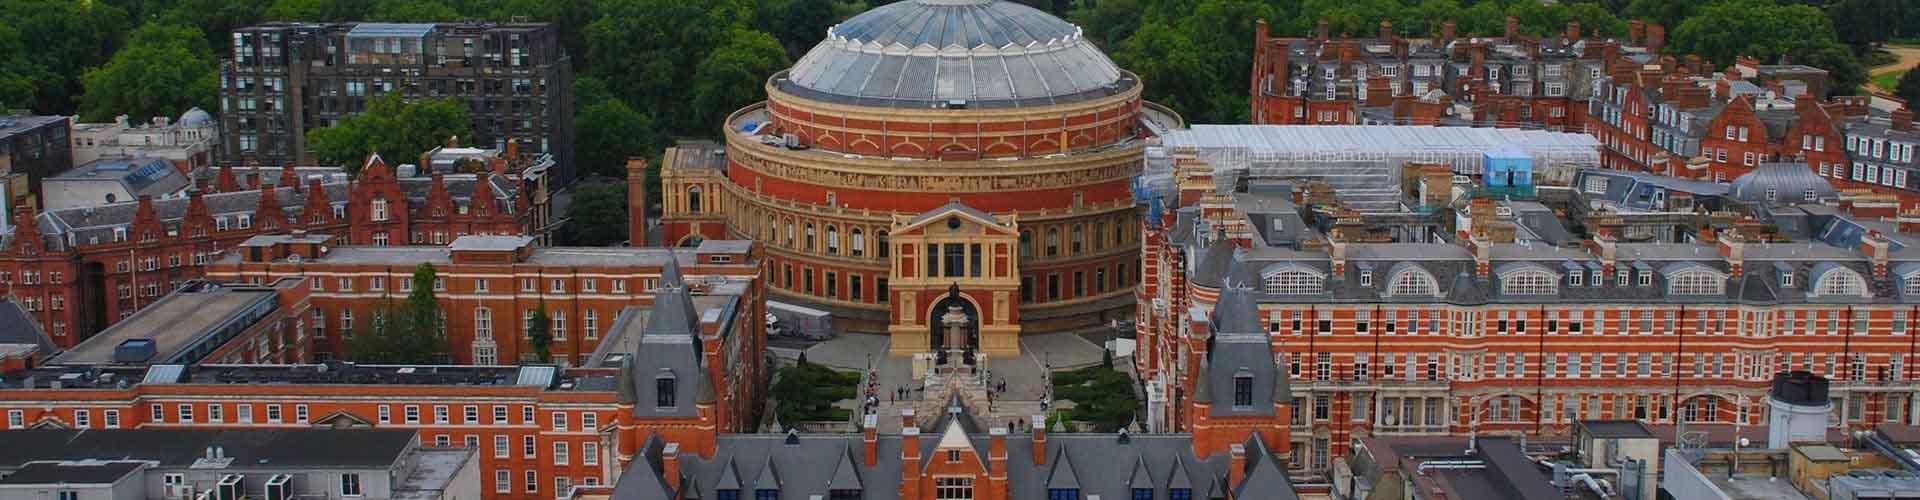 伦敦 – 皇家阿尔伯特音乐厅附近的公寓。伦敦地图,伦敦每间公寓的照片和评价。